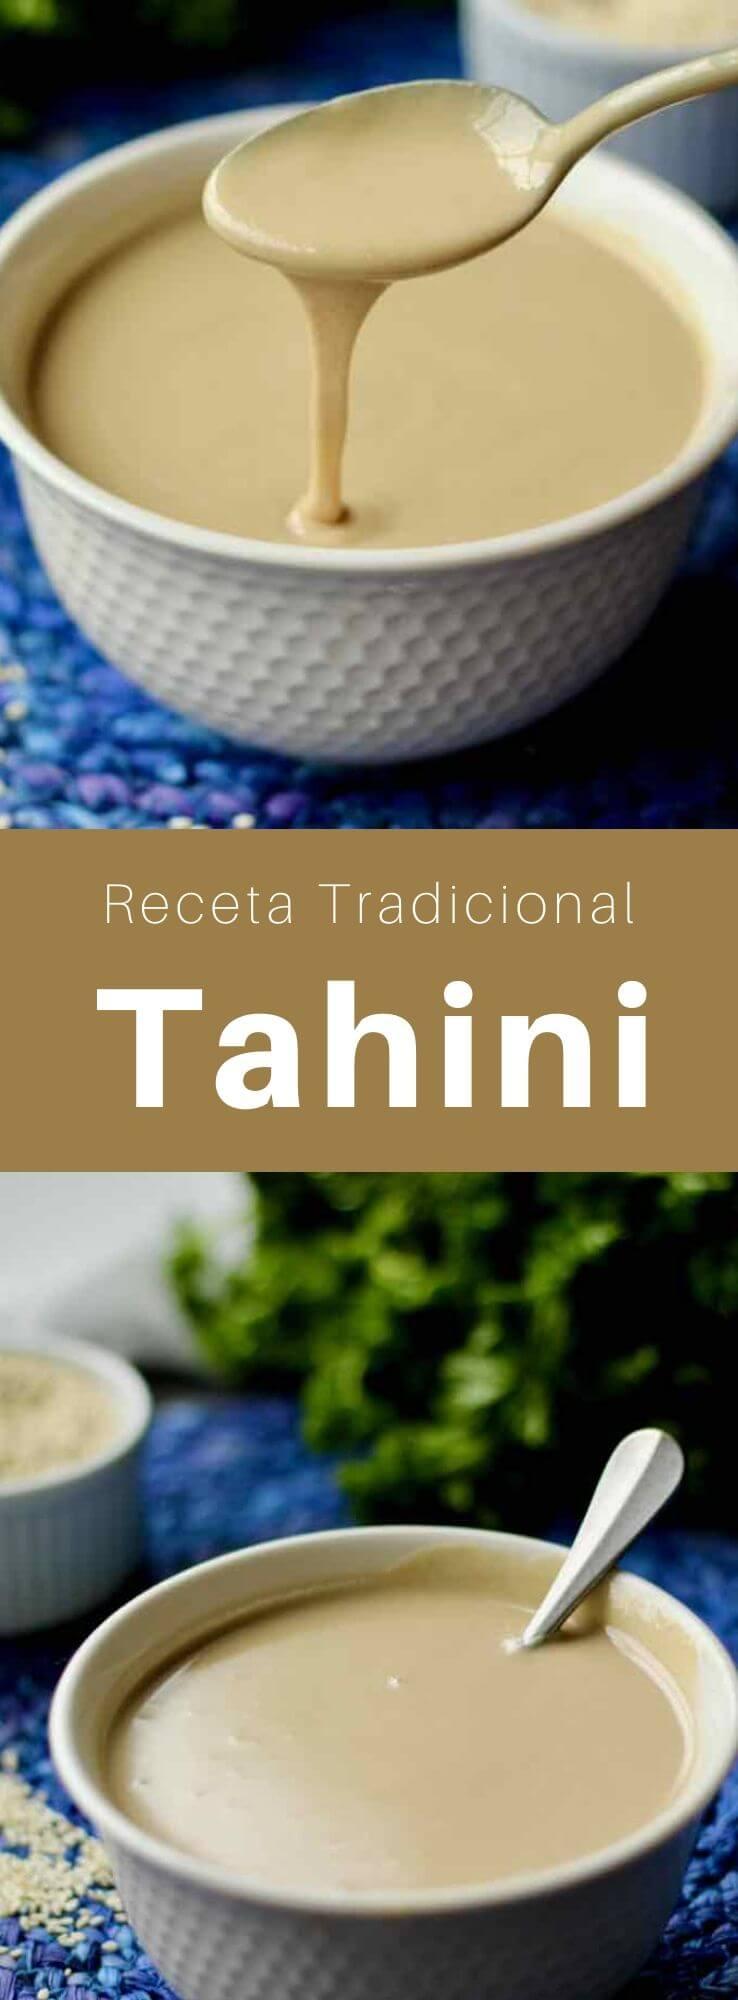 El tahini o tahina (طحينة) es una pasta de semillas de sésamo trituradas que se utiliza en las cocinas del Levante y el Mediterráneo oriental, el sur del Cáucaso y en partes del norte de África.